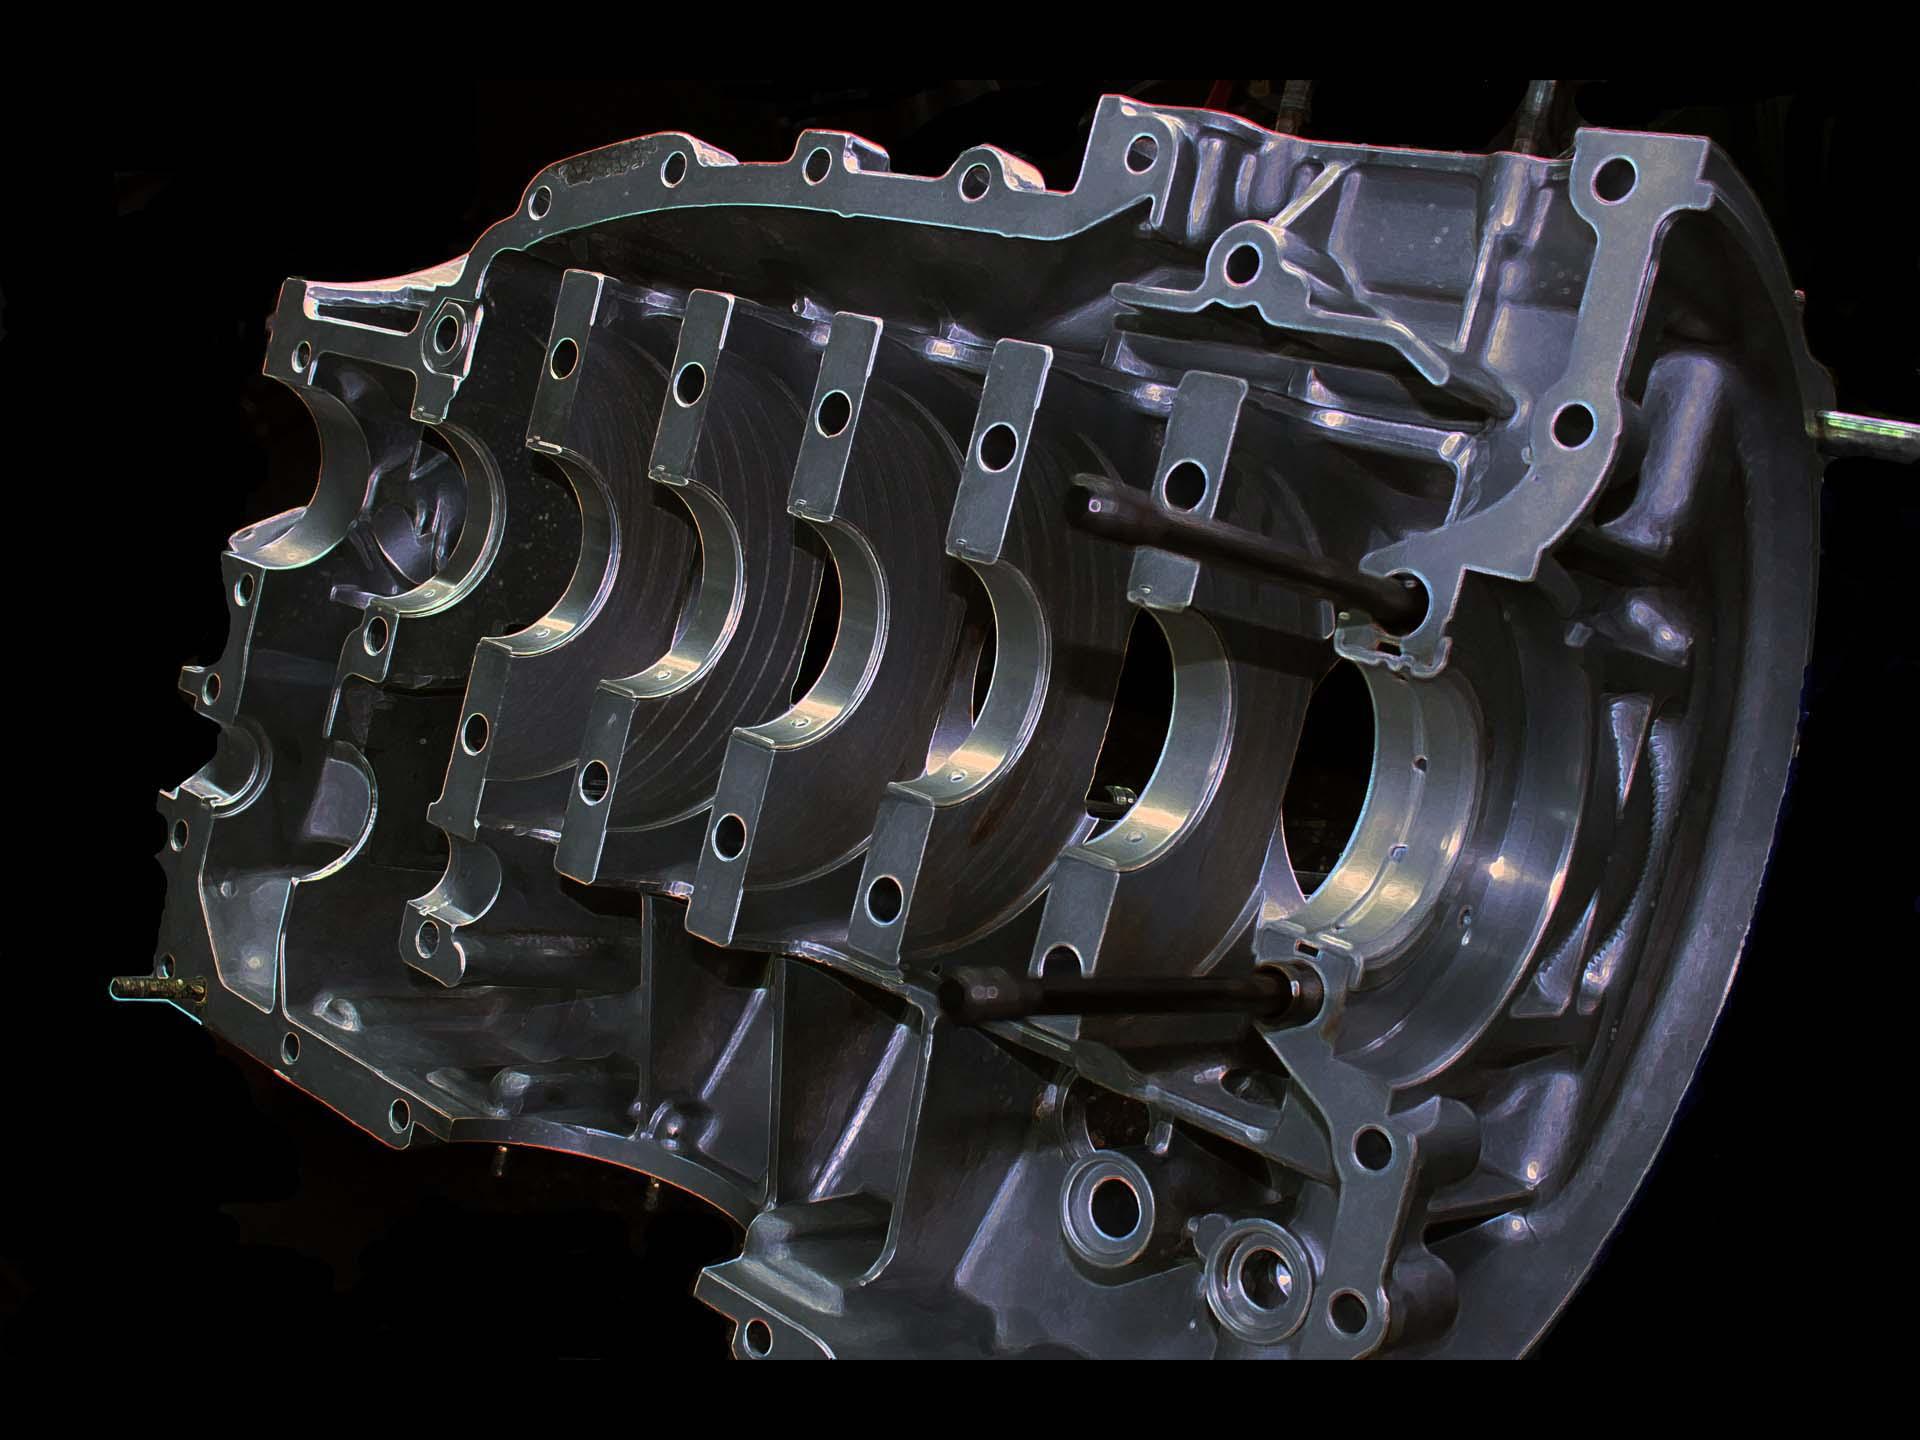 Motorgehäusebearbeitung, Instandsetzung und Optimierung